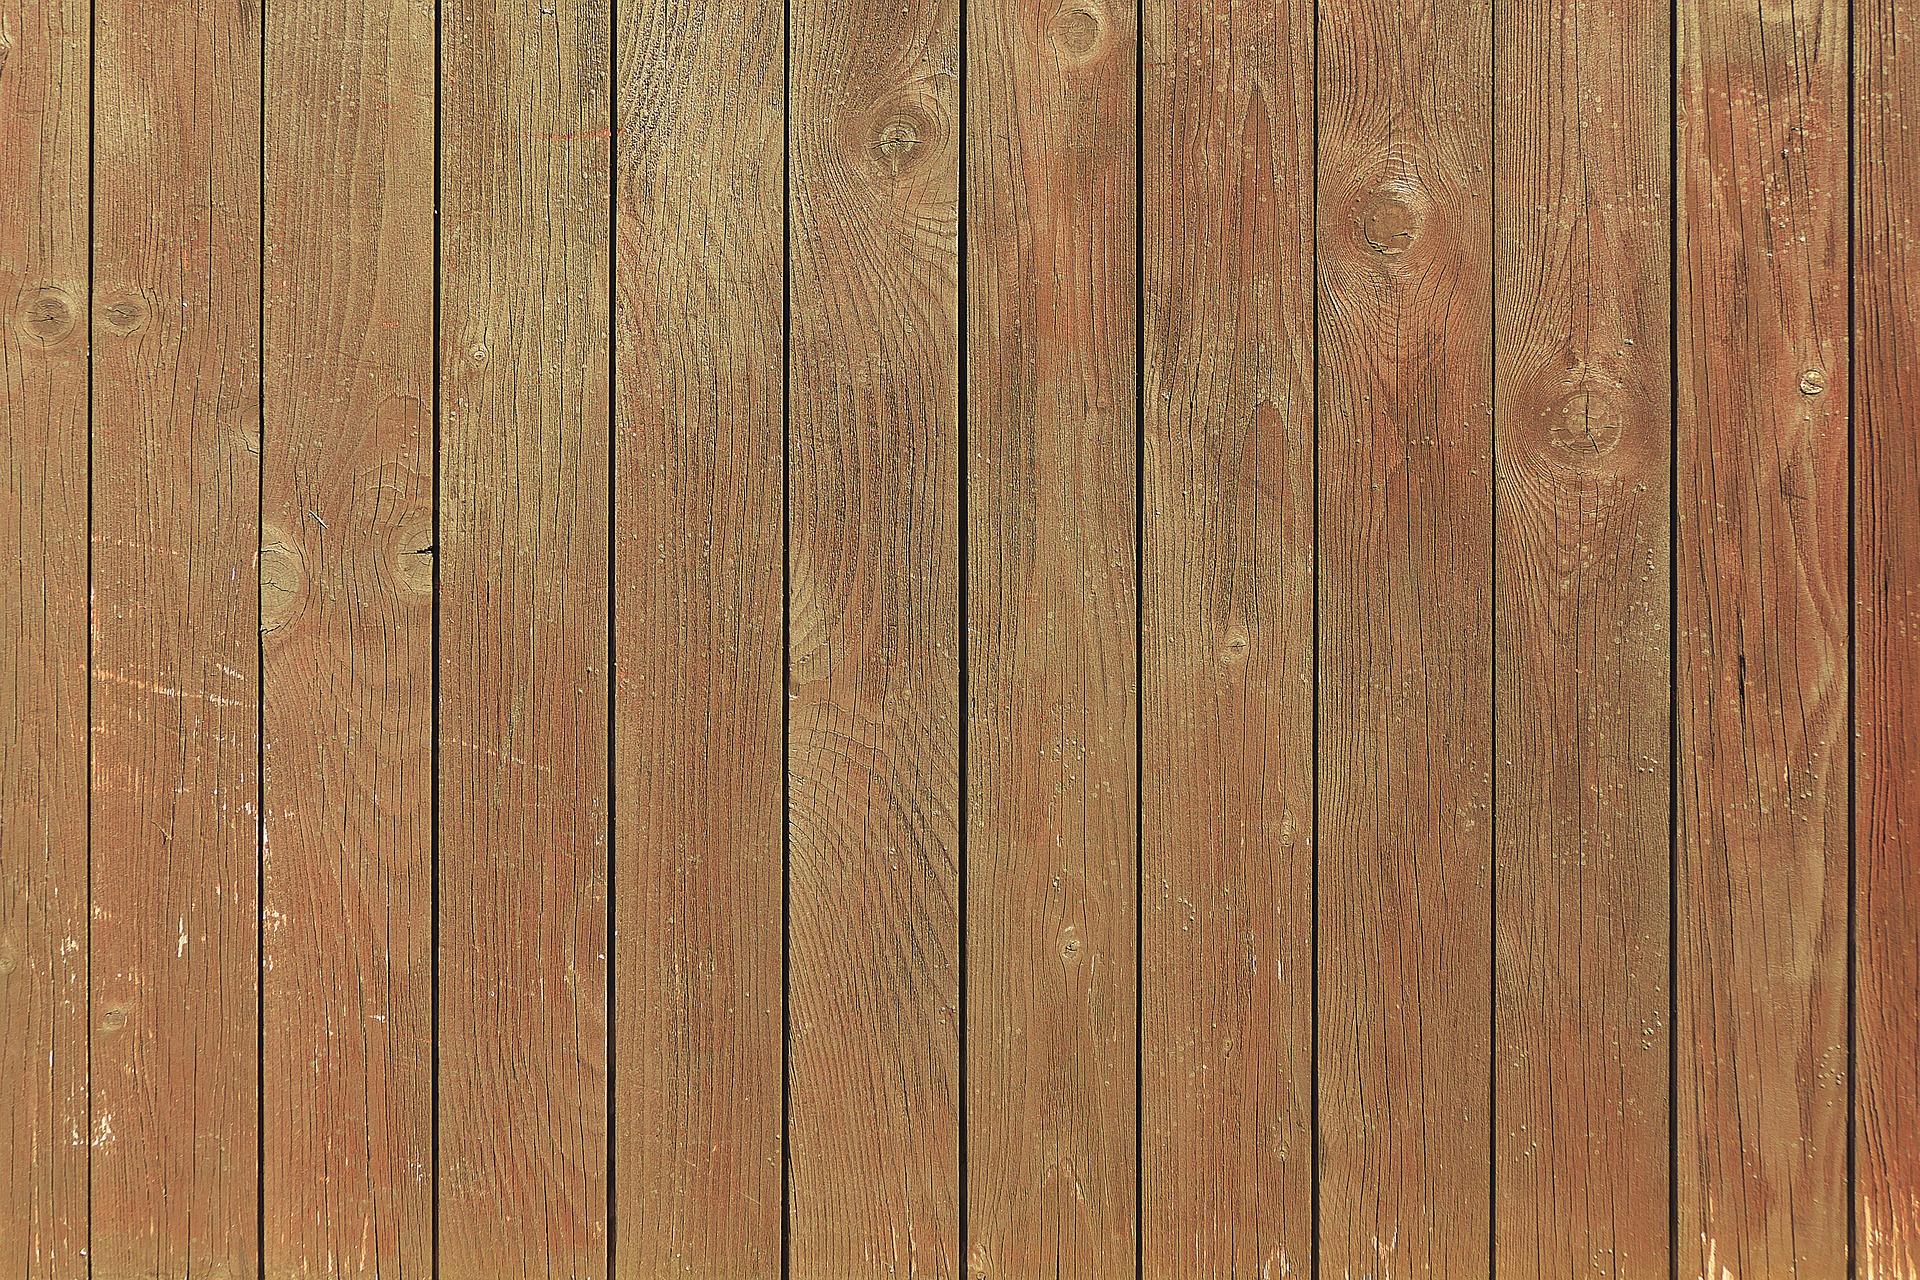 Come Costruire Sportelli In Legno falegnameria: creare pannelli con le tavole - parte 1 | il